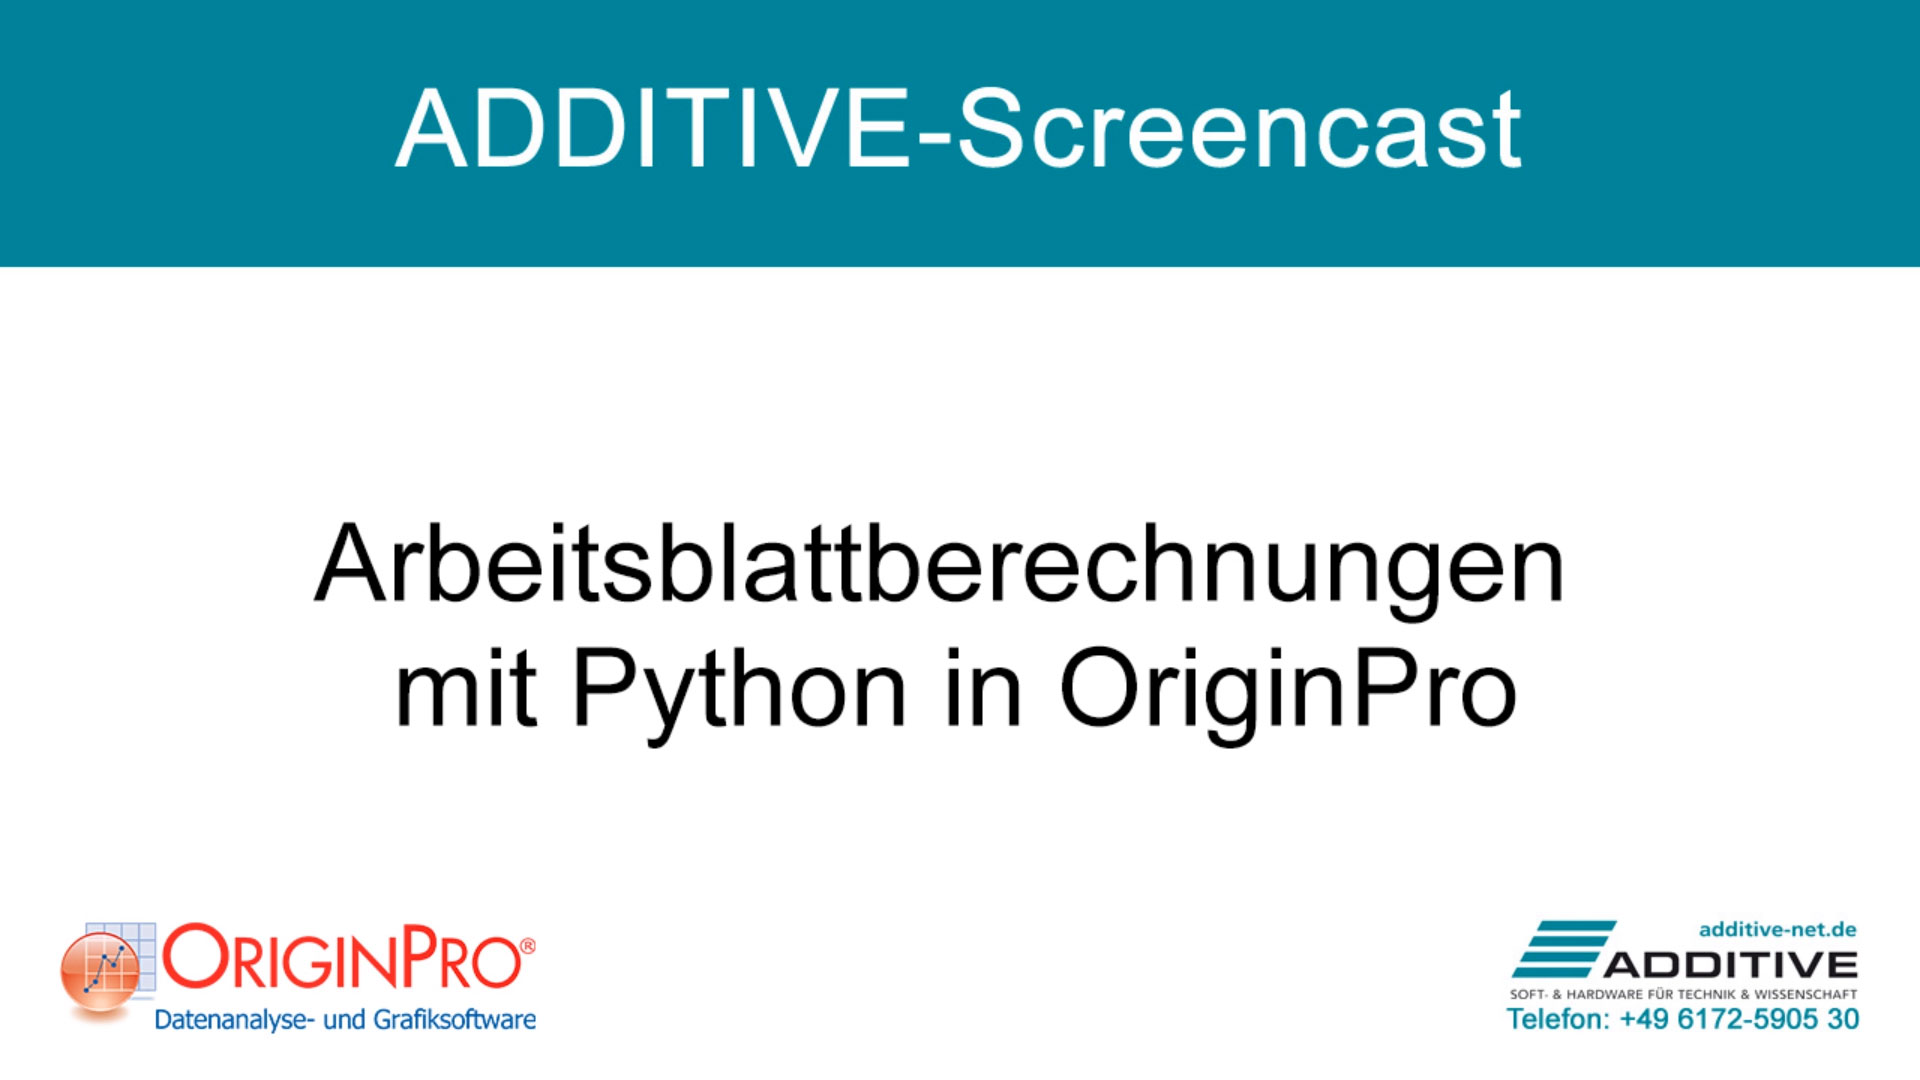 Arbeitsblattberechnungen mit Python in OriginPro 2021